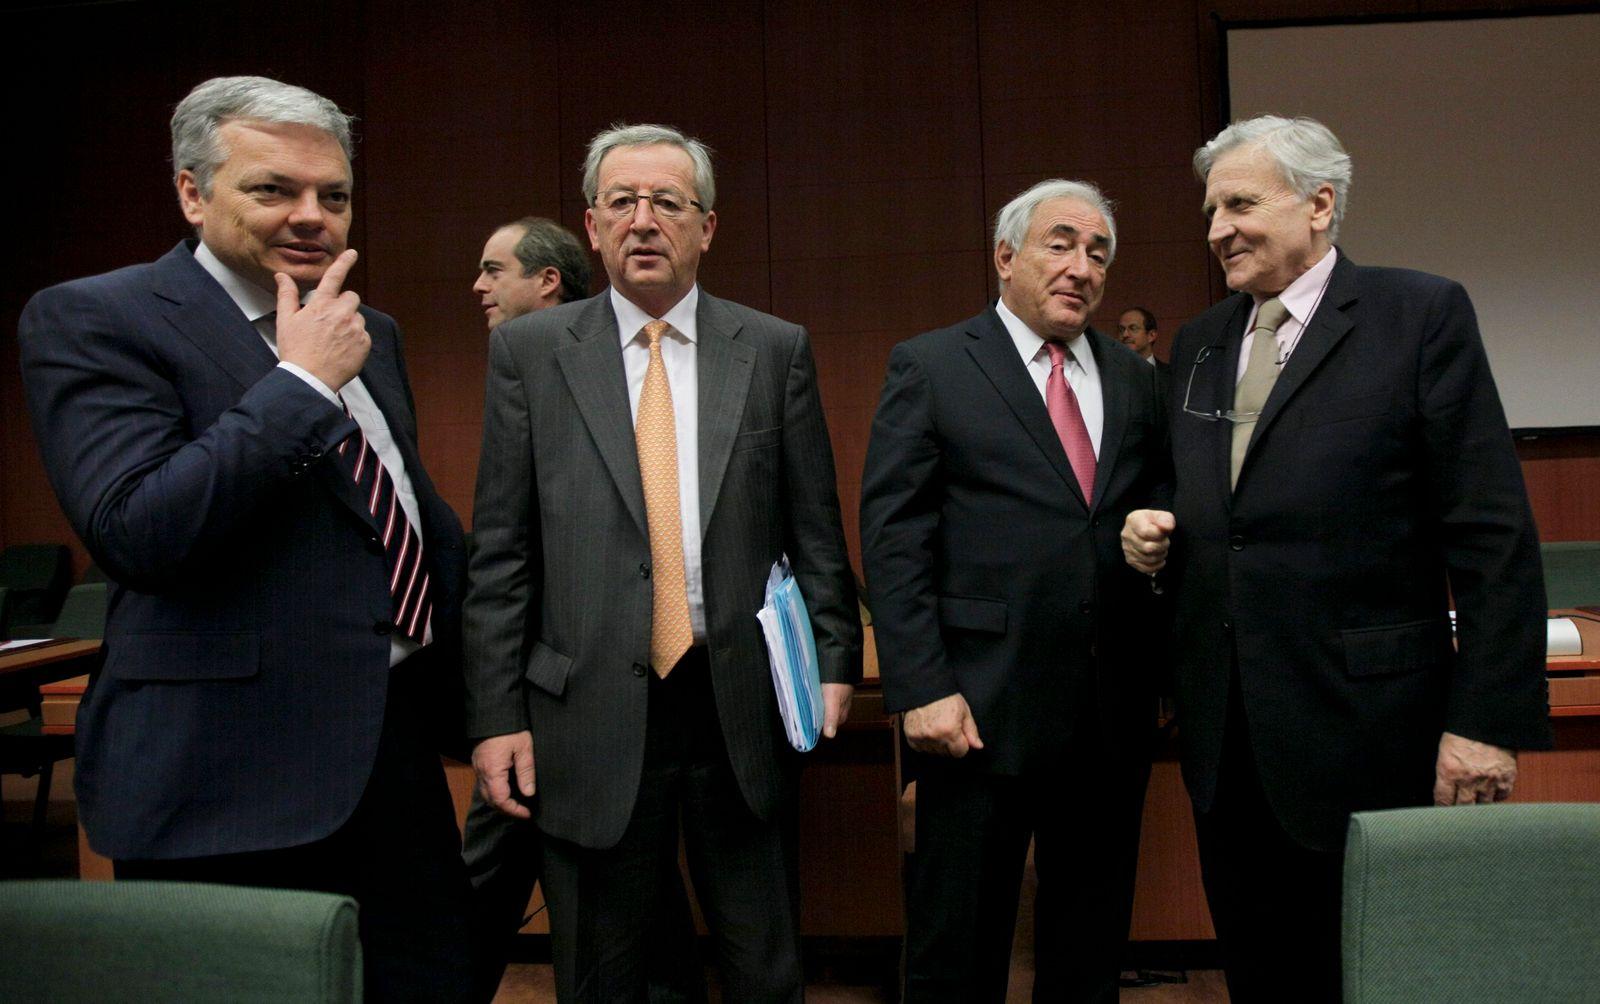 Treffen der Finanzminister in Brüssel / Reynders / Junker / Straus-Kahn / Trichet